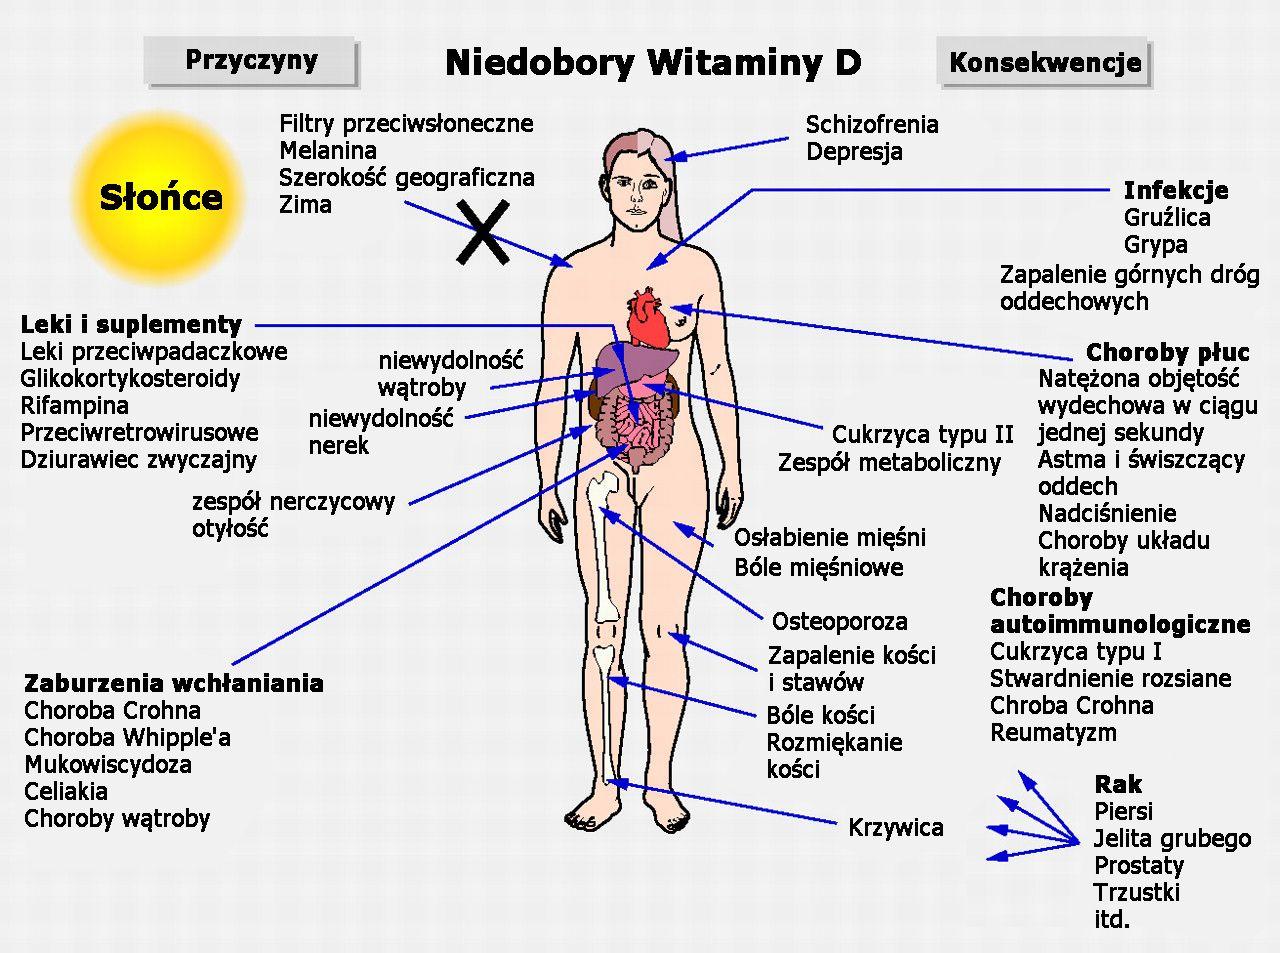 witamina-d-niedobry-grafika